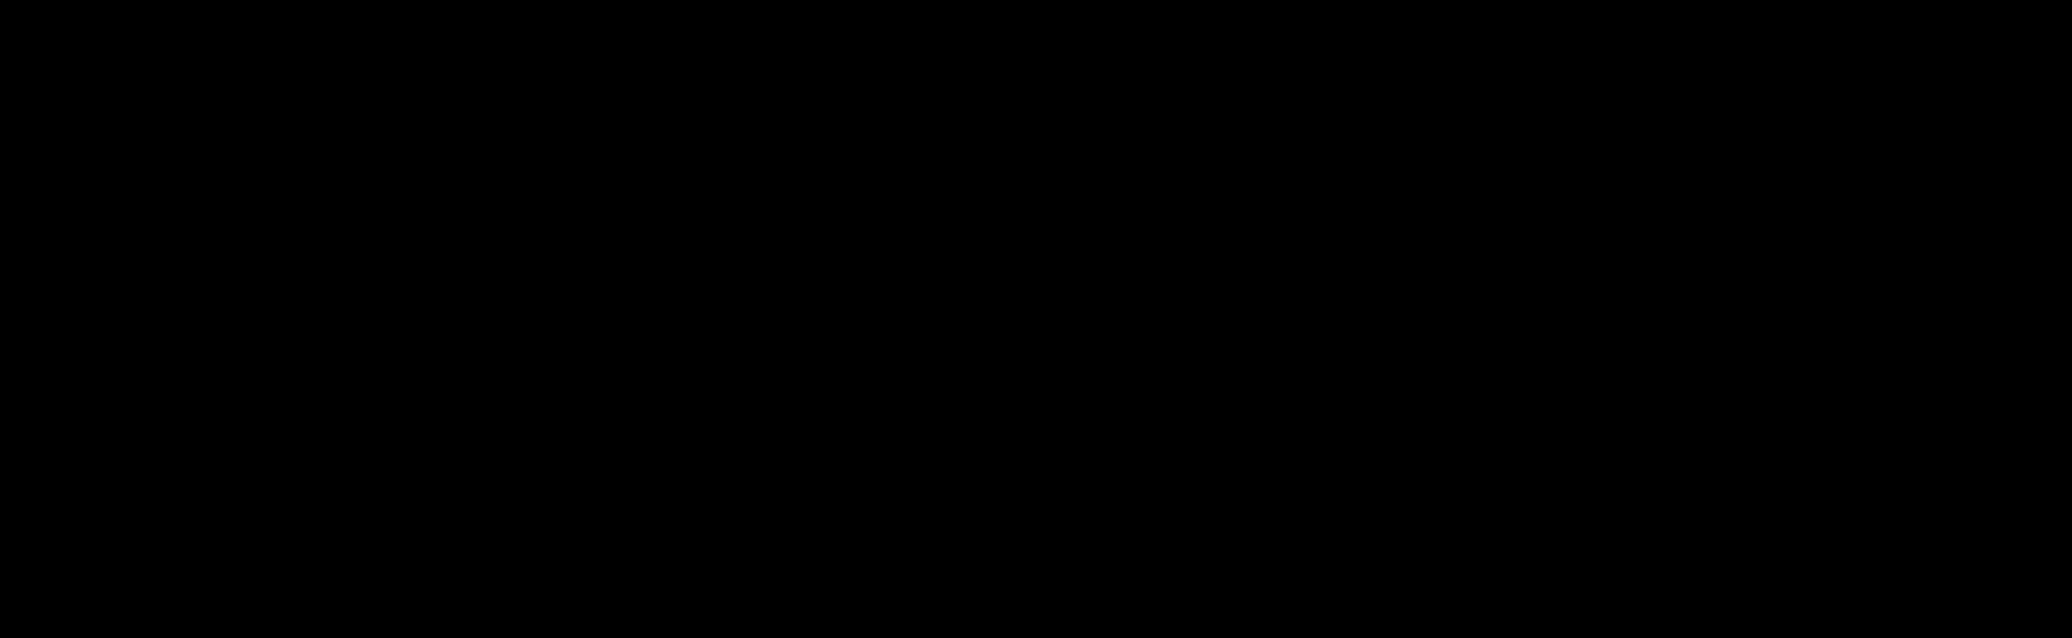 Naklejka na ścianę nietoperz 5l